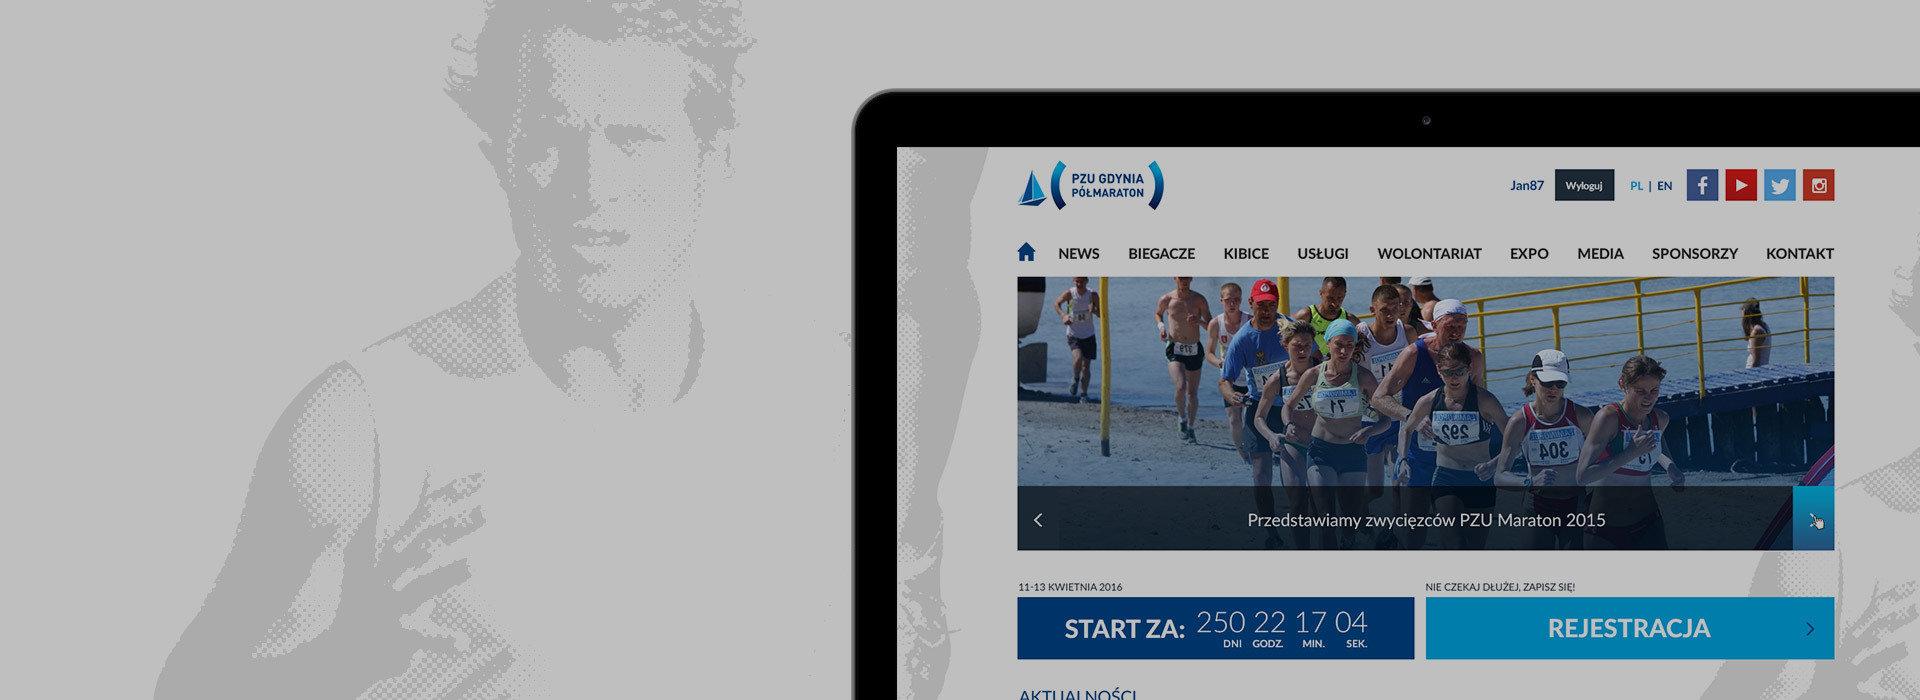 Ponad 1000 rejestracji w 3 godziny! Serwis biegowy PZU Gdynia Półmaraton